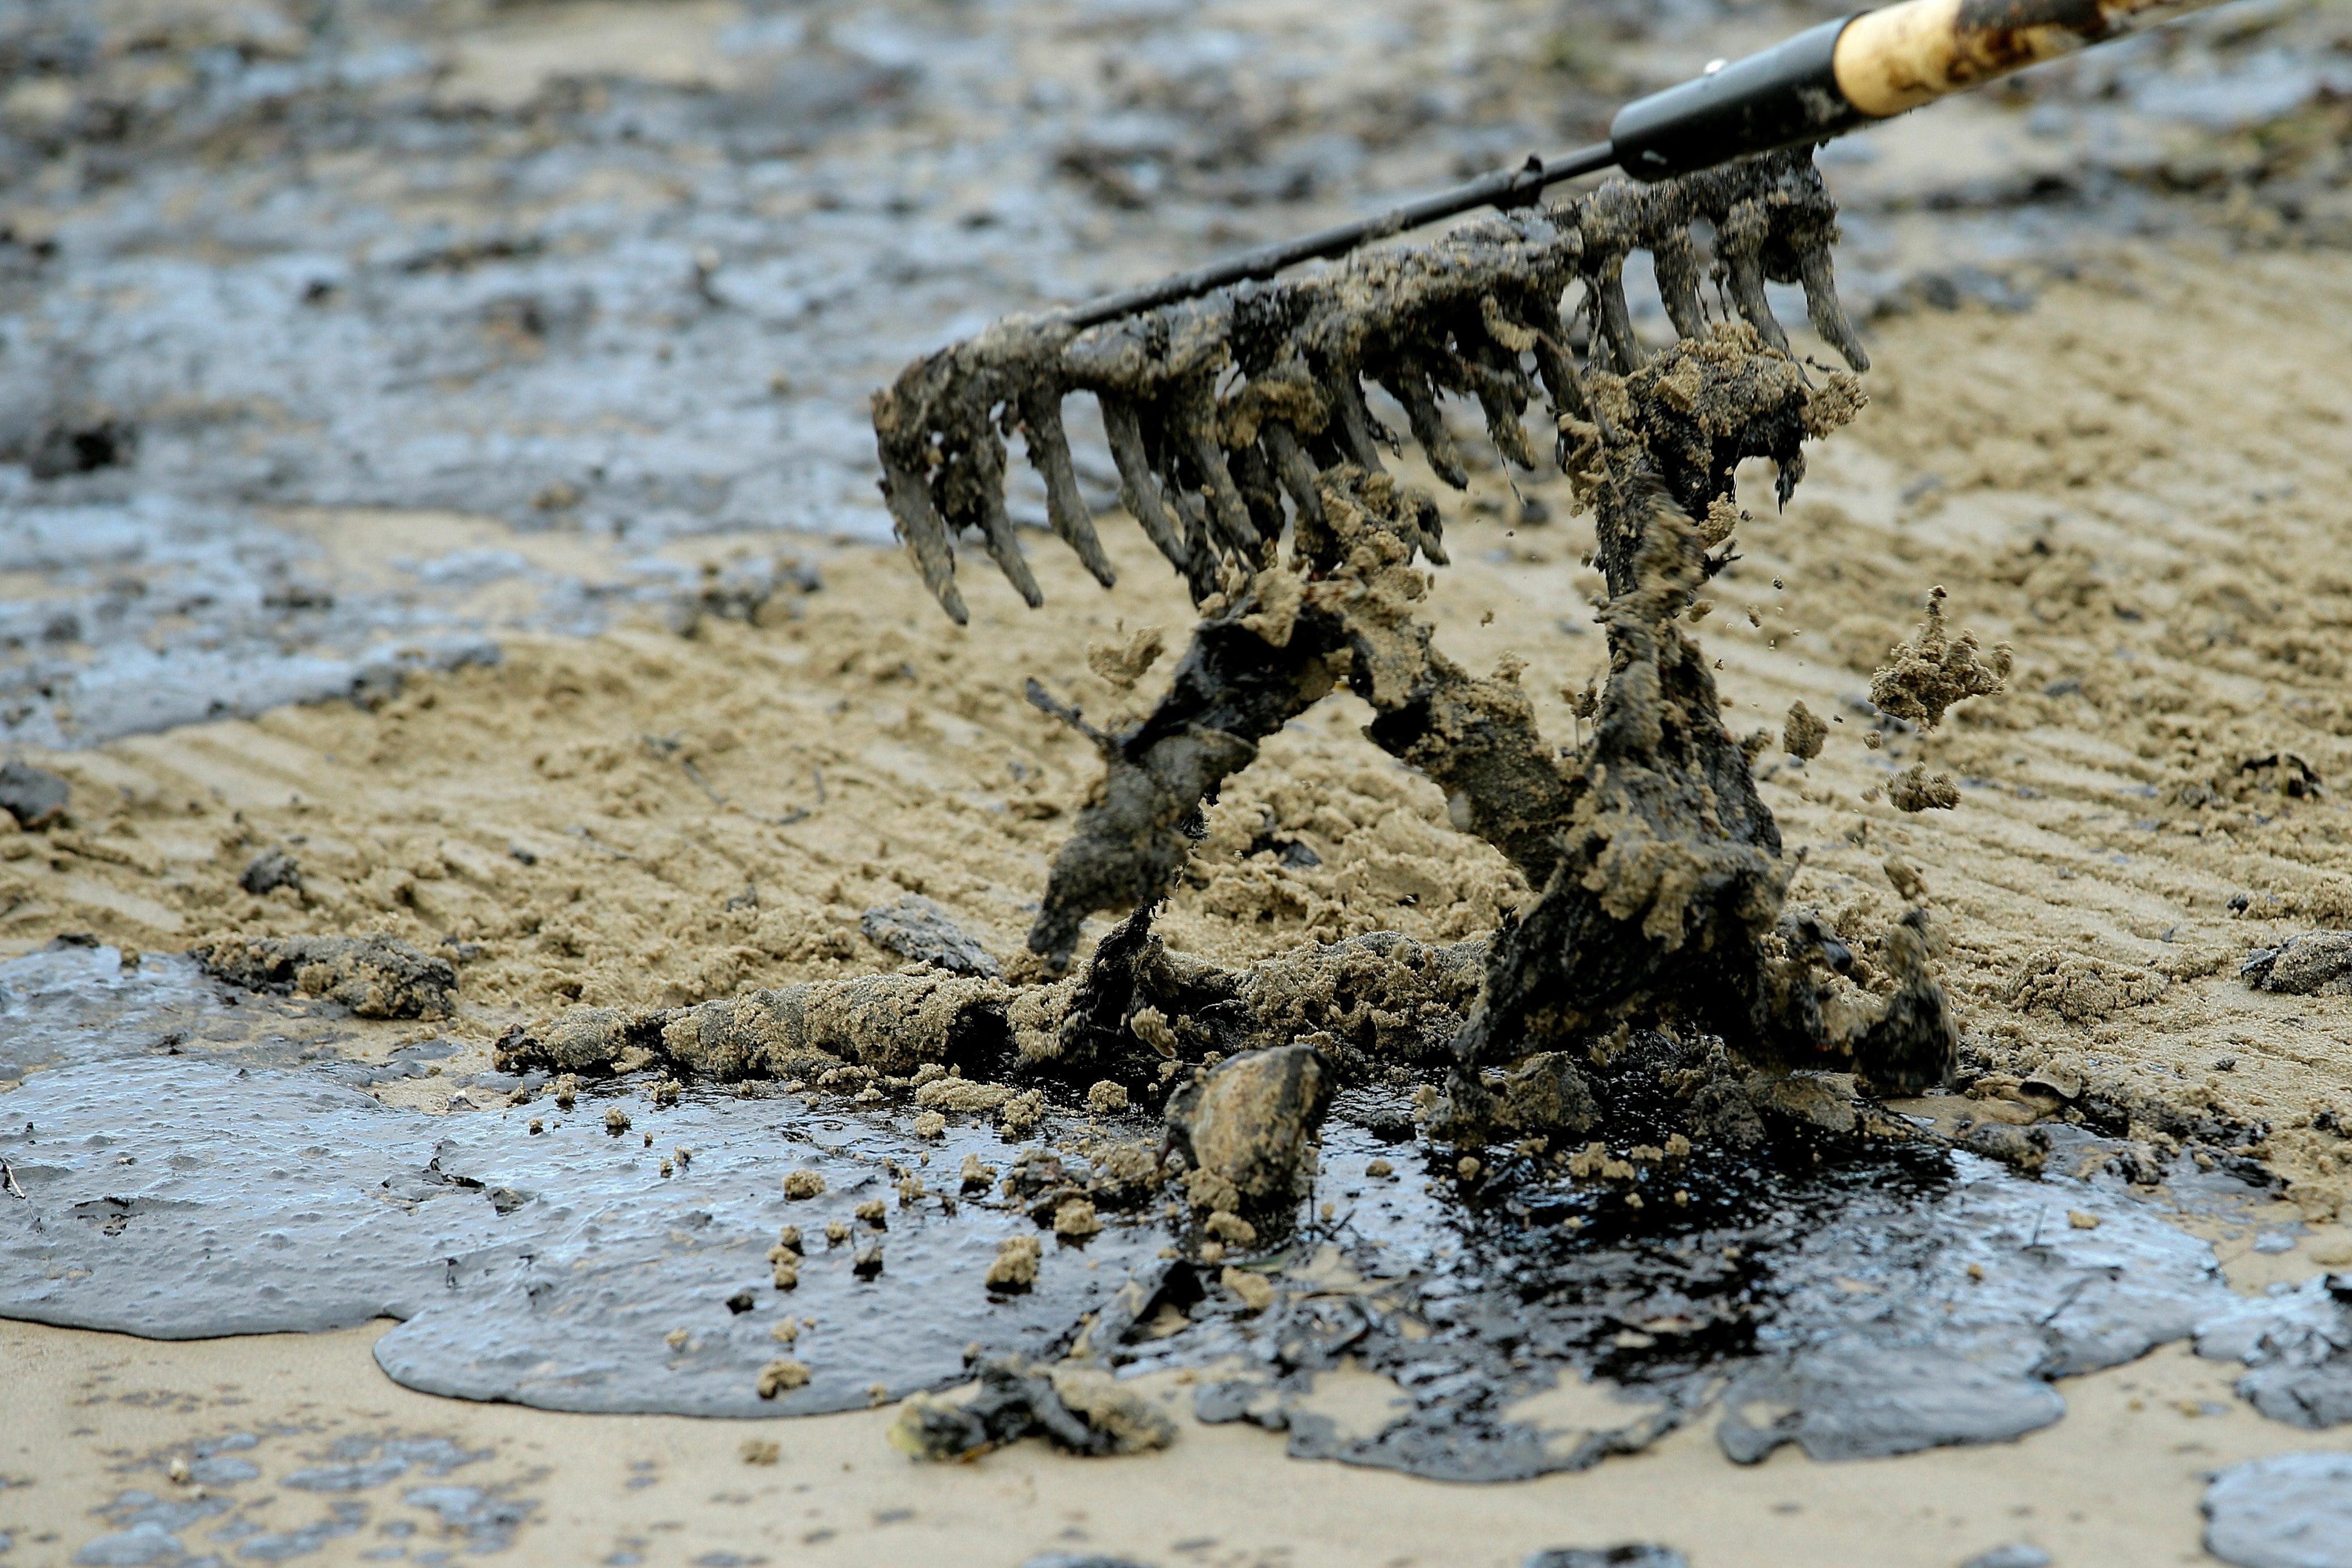 Santa Barbara Still Reeling From the Worst Oil Spill in Decades